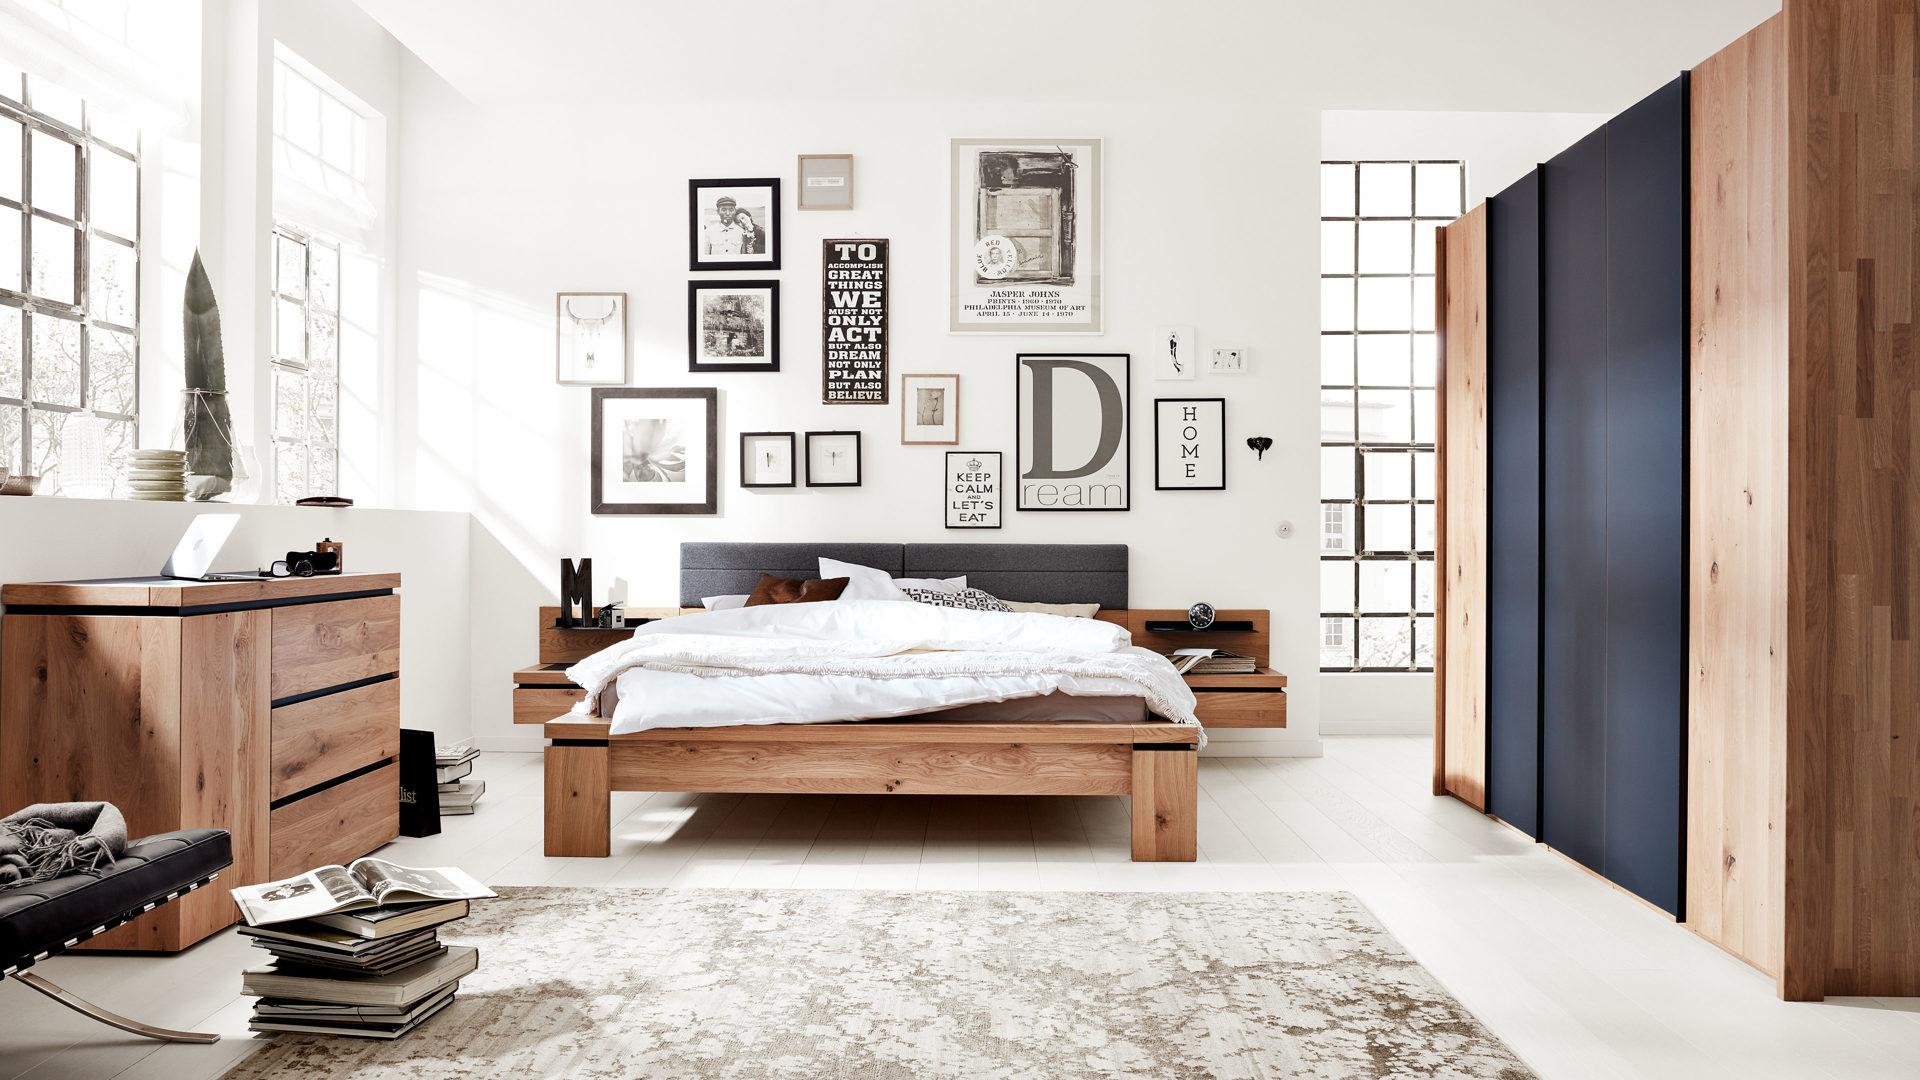 Interliving Schlafzimmer Serie 1005 – Schlafzimmerkombination, Wildeiche &  anthrazitfarbenes Colorglas – vierteilig